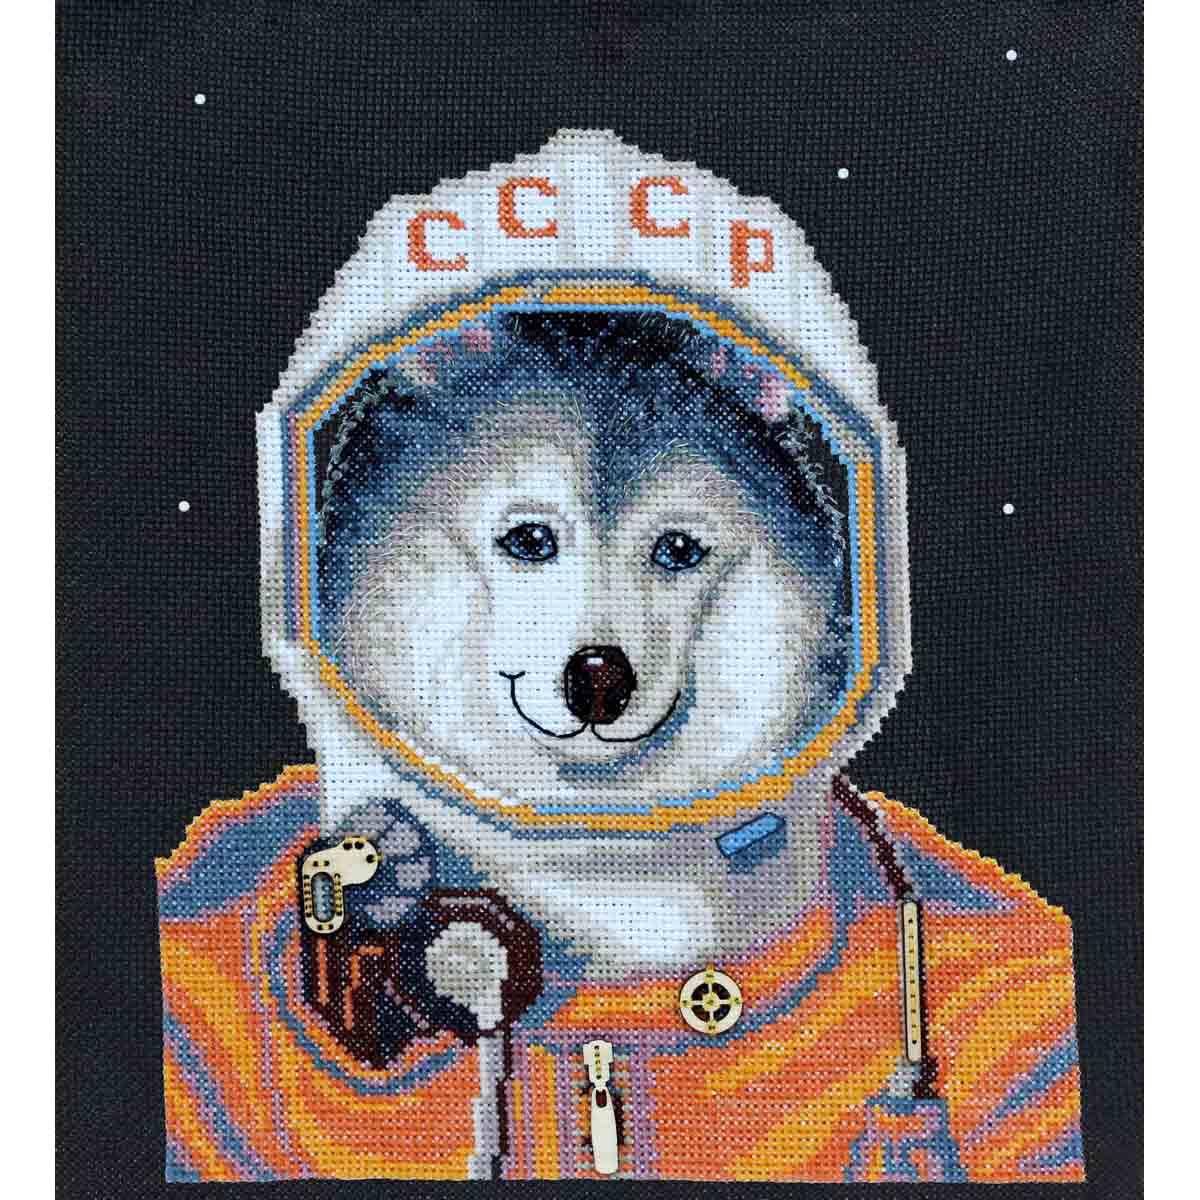 К-181 Набор для вышивания крестом Созвездие 'Космонавт' 22,5*19,5см